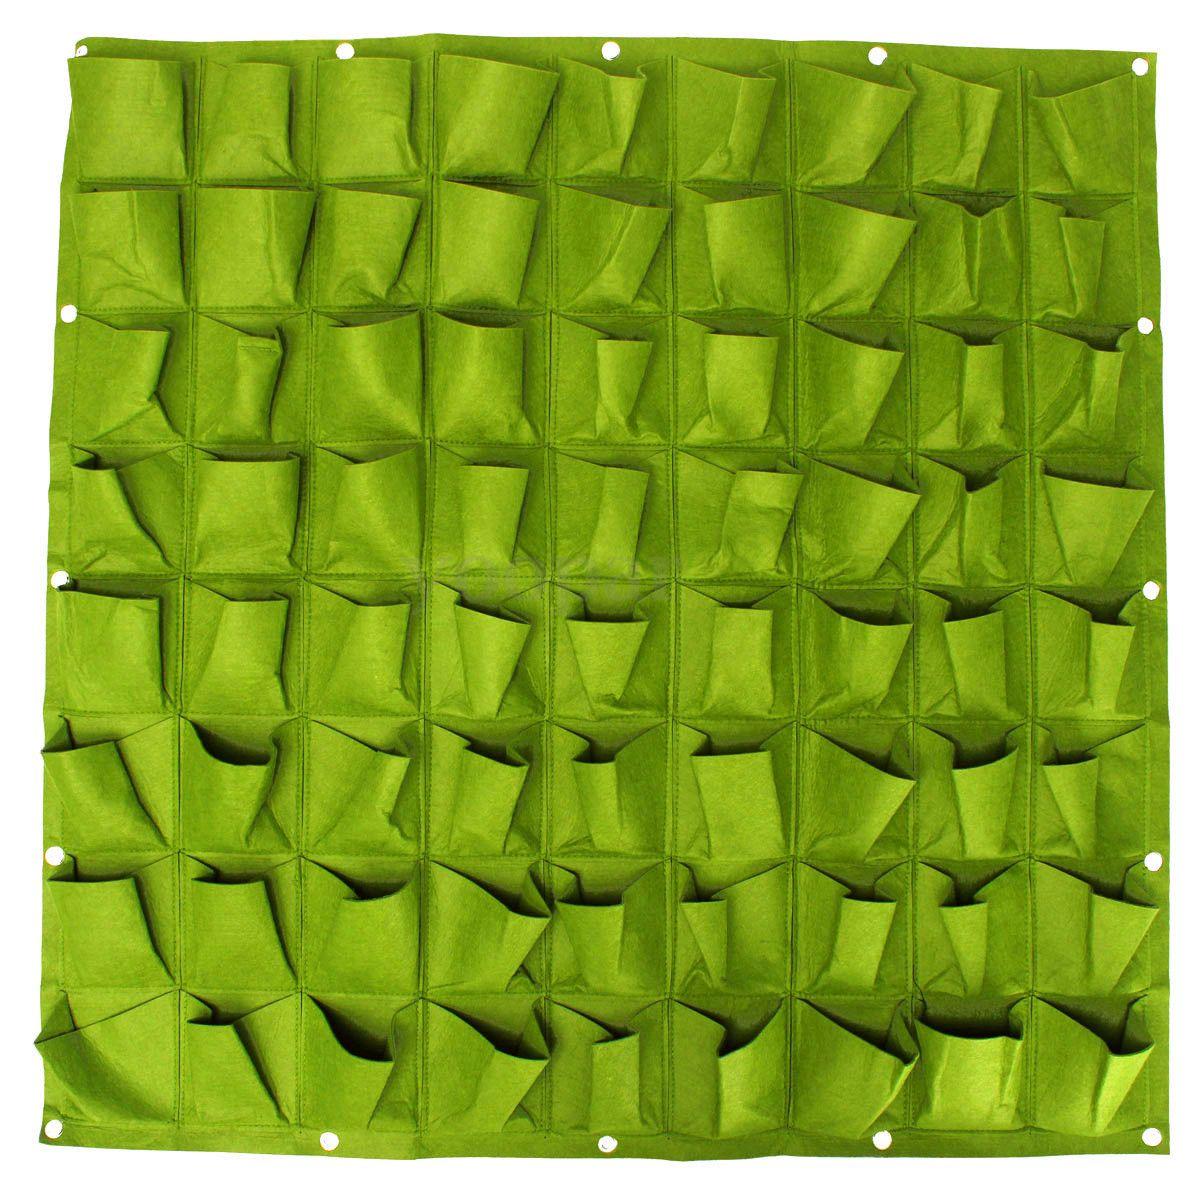 72 Pocket Trồng Bag Tường Cây Xanh Dọc Treo Vườn Ngoài Trời Nhà Máy 1*1 M (Màu Xanh Lá Cây)